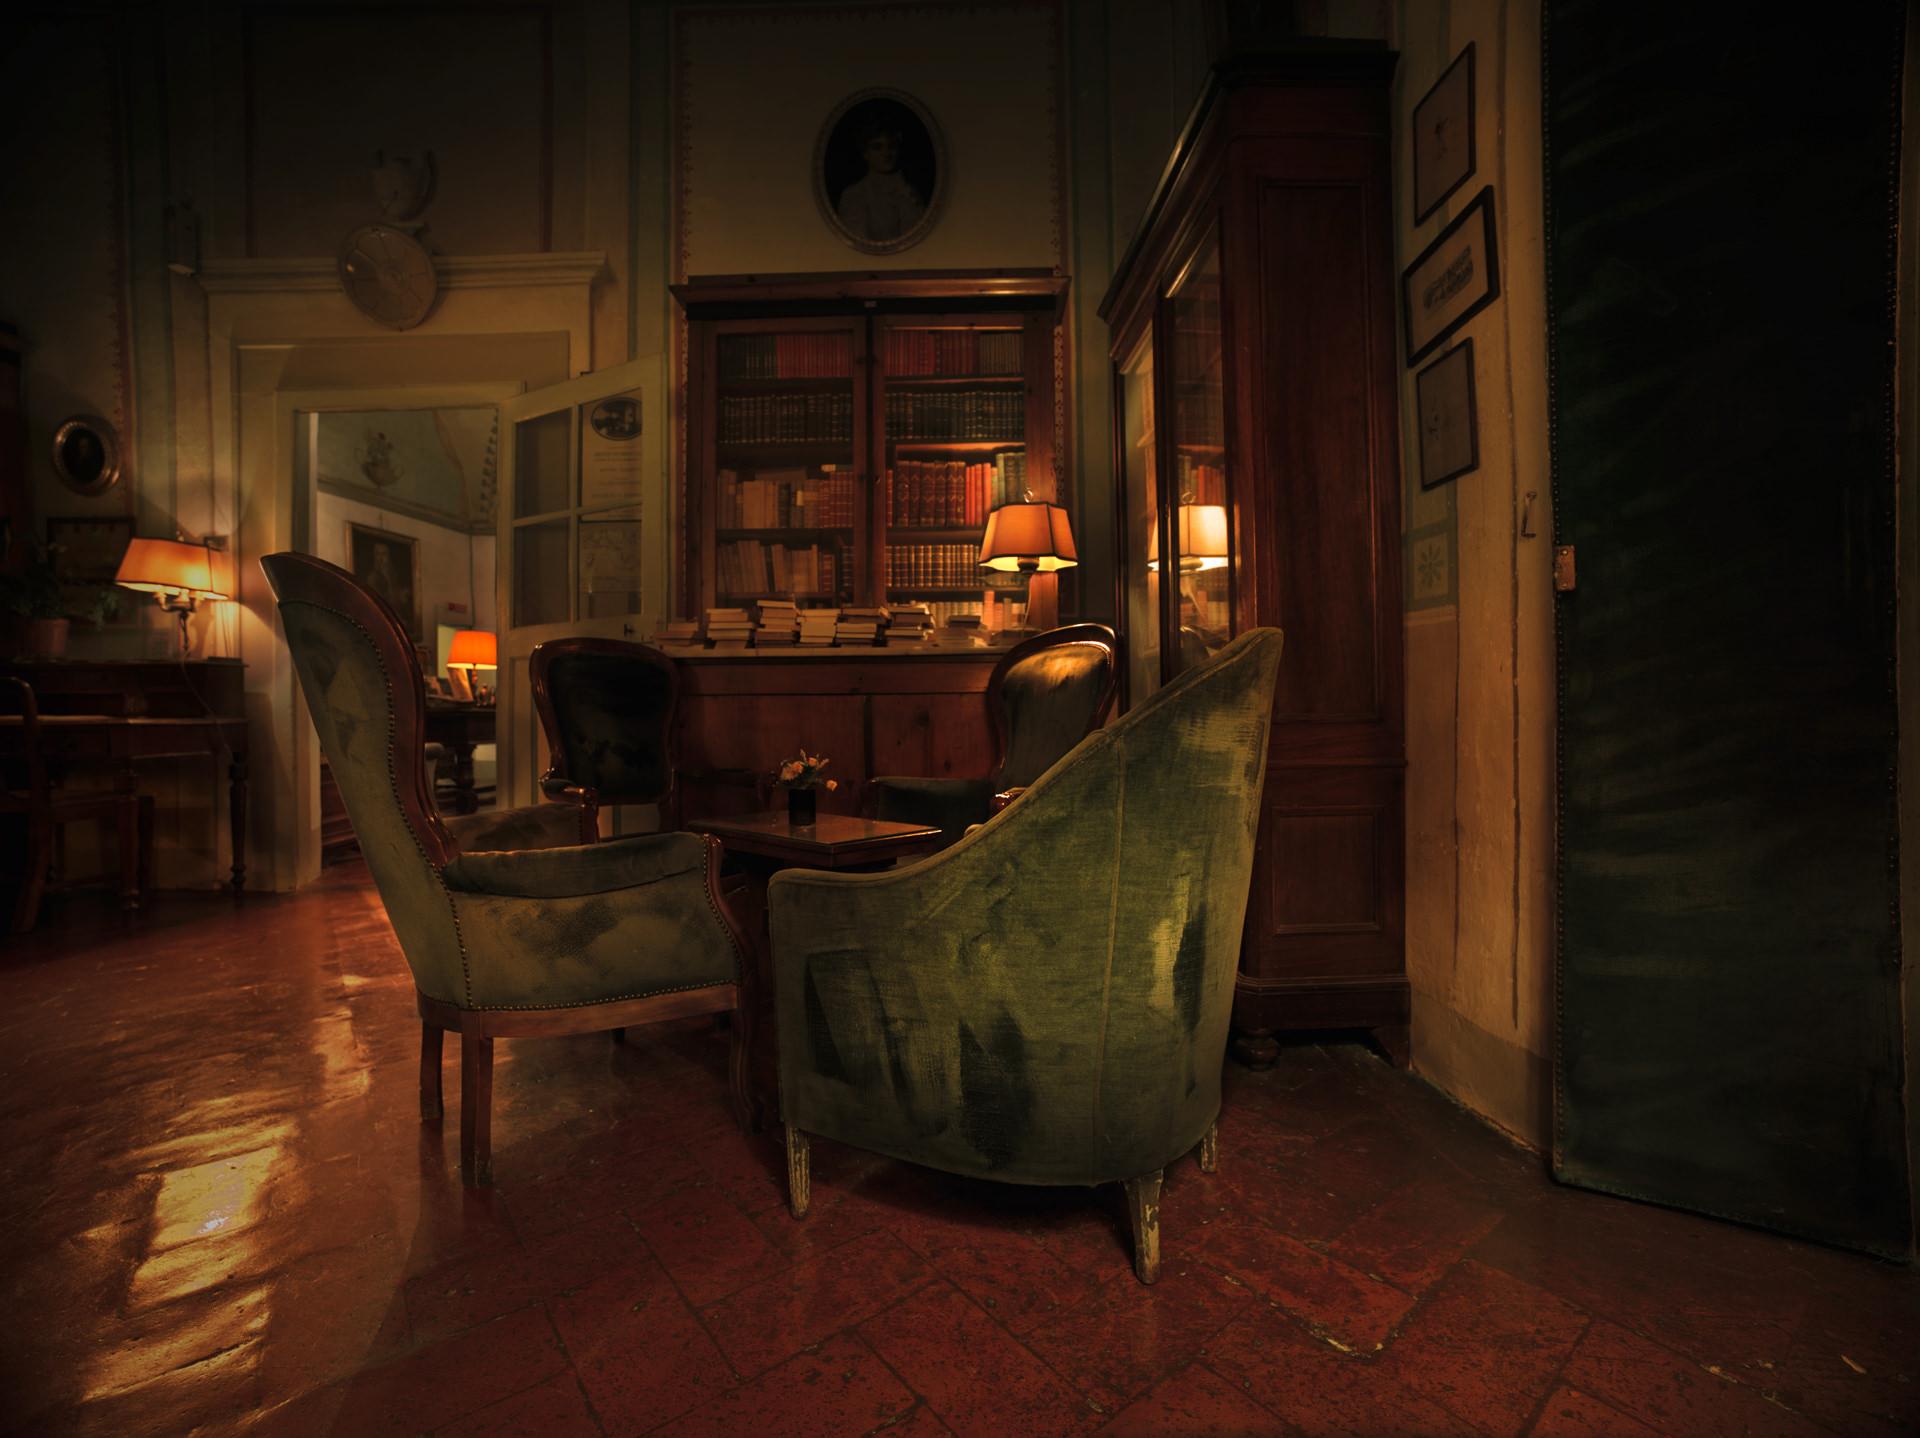 ©ankeluckmann1343, Villa Villoresi Hotel, Architecture, Interior, Italy, anke luckmann, interior